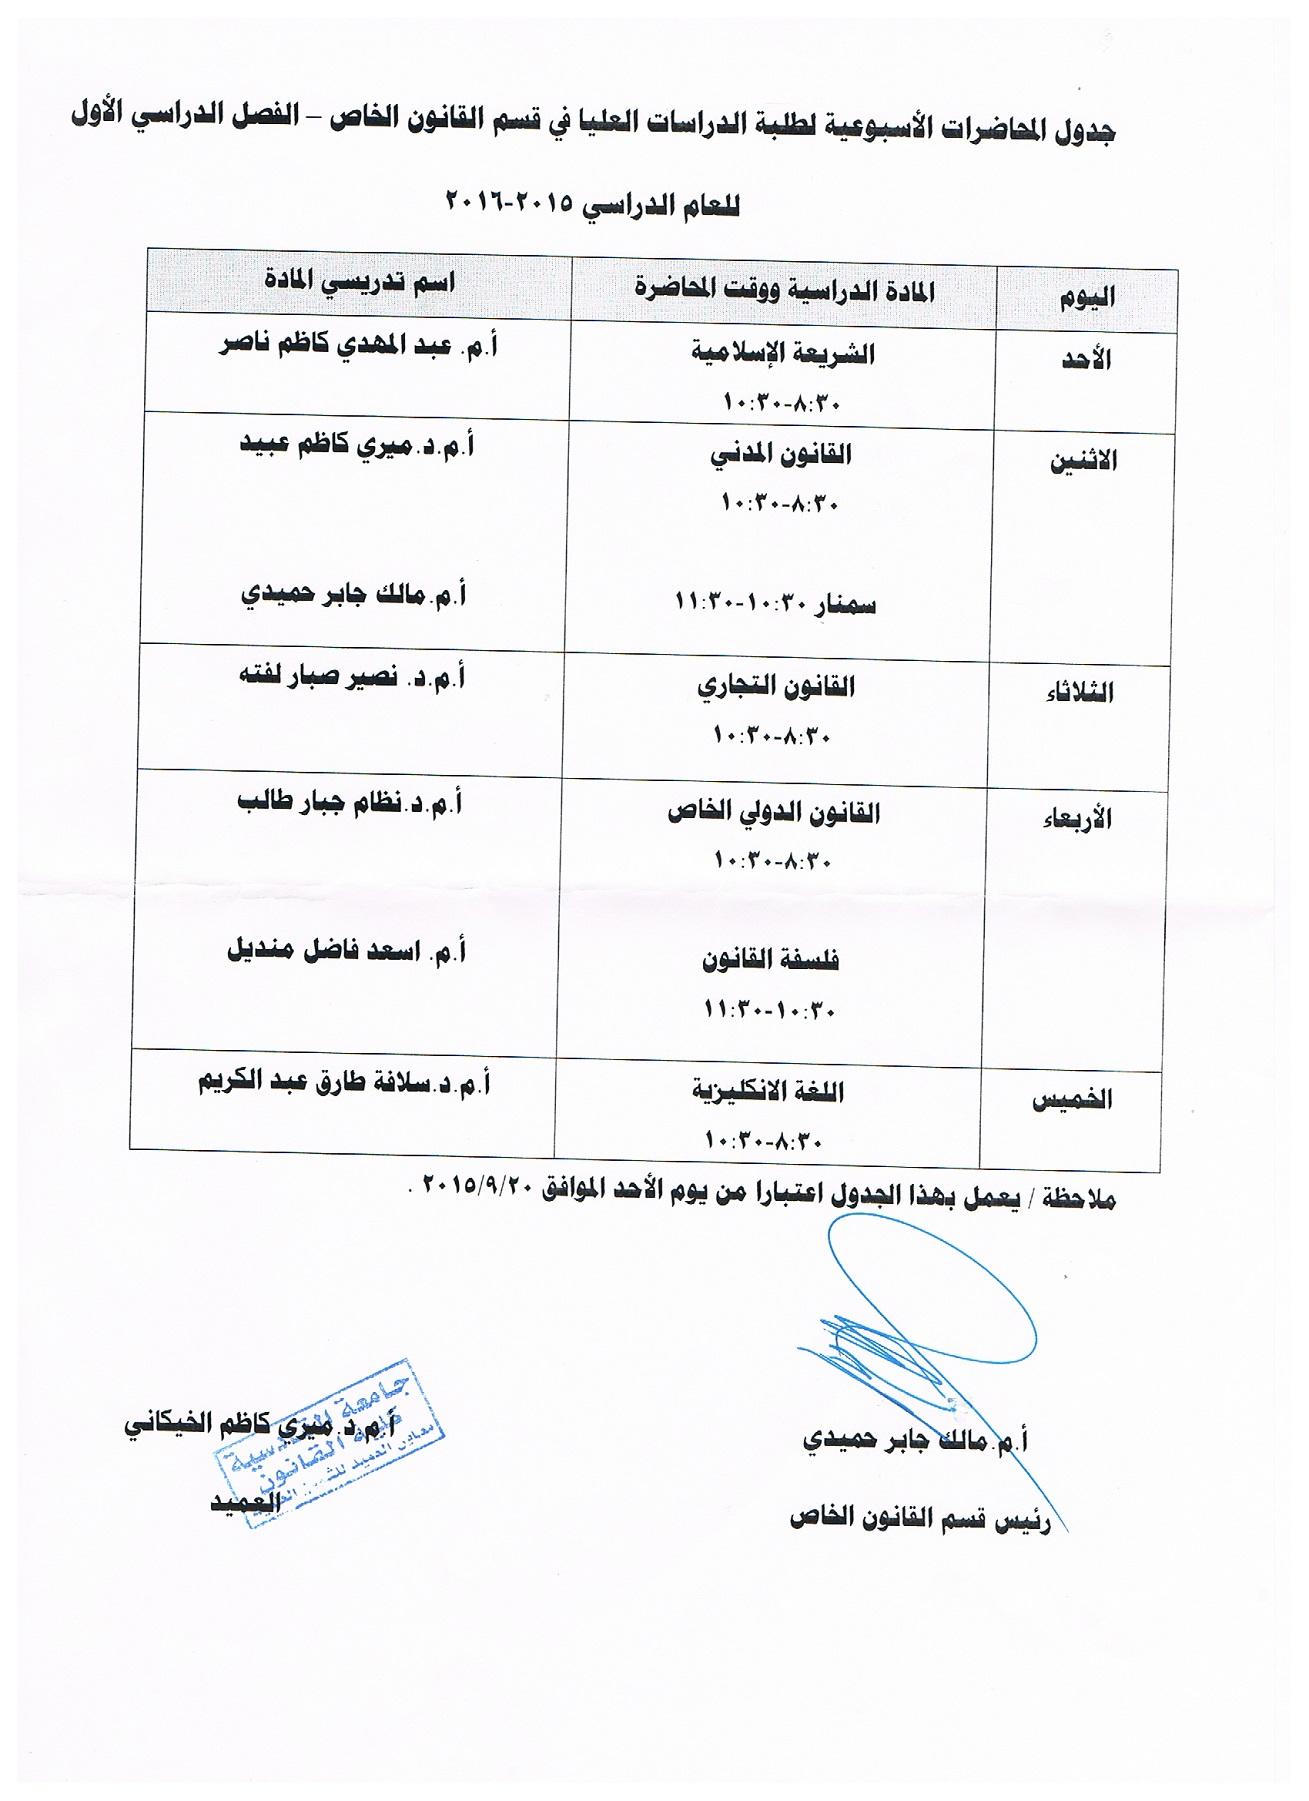 جدول المحاضرات الاسبوعية لطلبة الدراسات العليا لقسمي القانون العام والخاص – الفصل الدراسي الاول للعام الدراسي 2015 – 2016